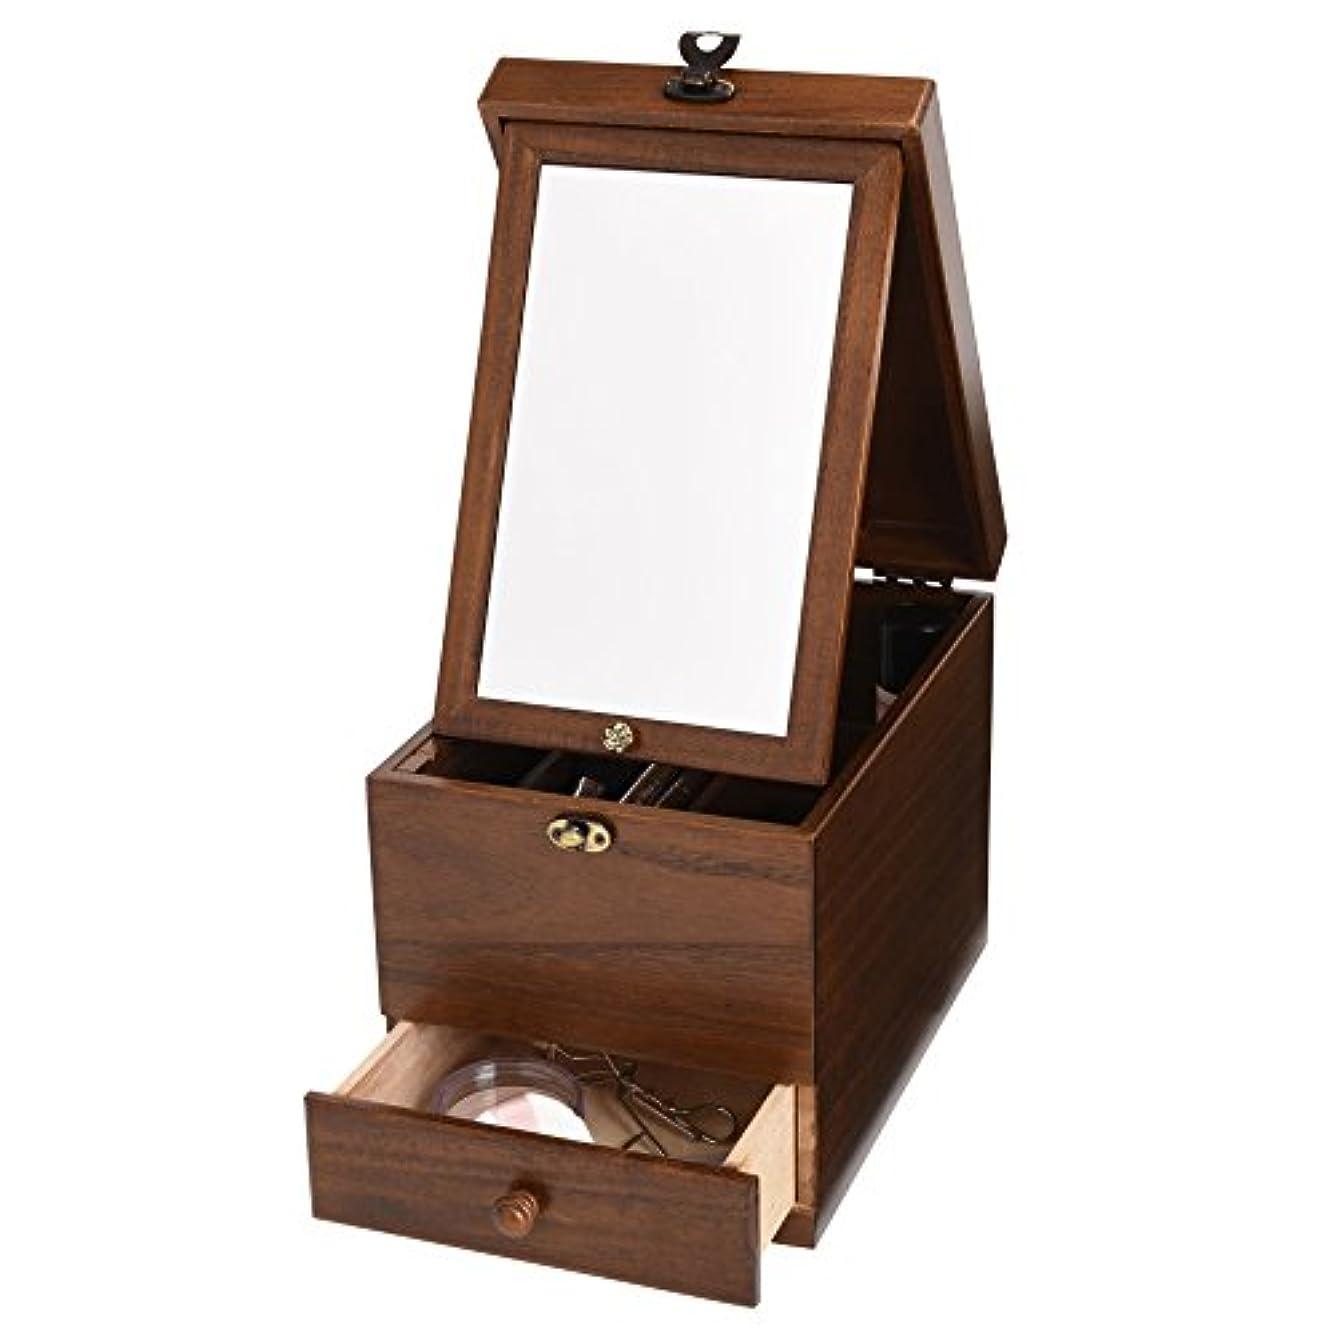 知る移動ストリップ木製コスメボックス 引き出し 鏡付き 収納 メイクボックス 化粧ボックス 日本製